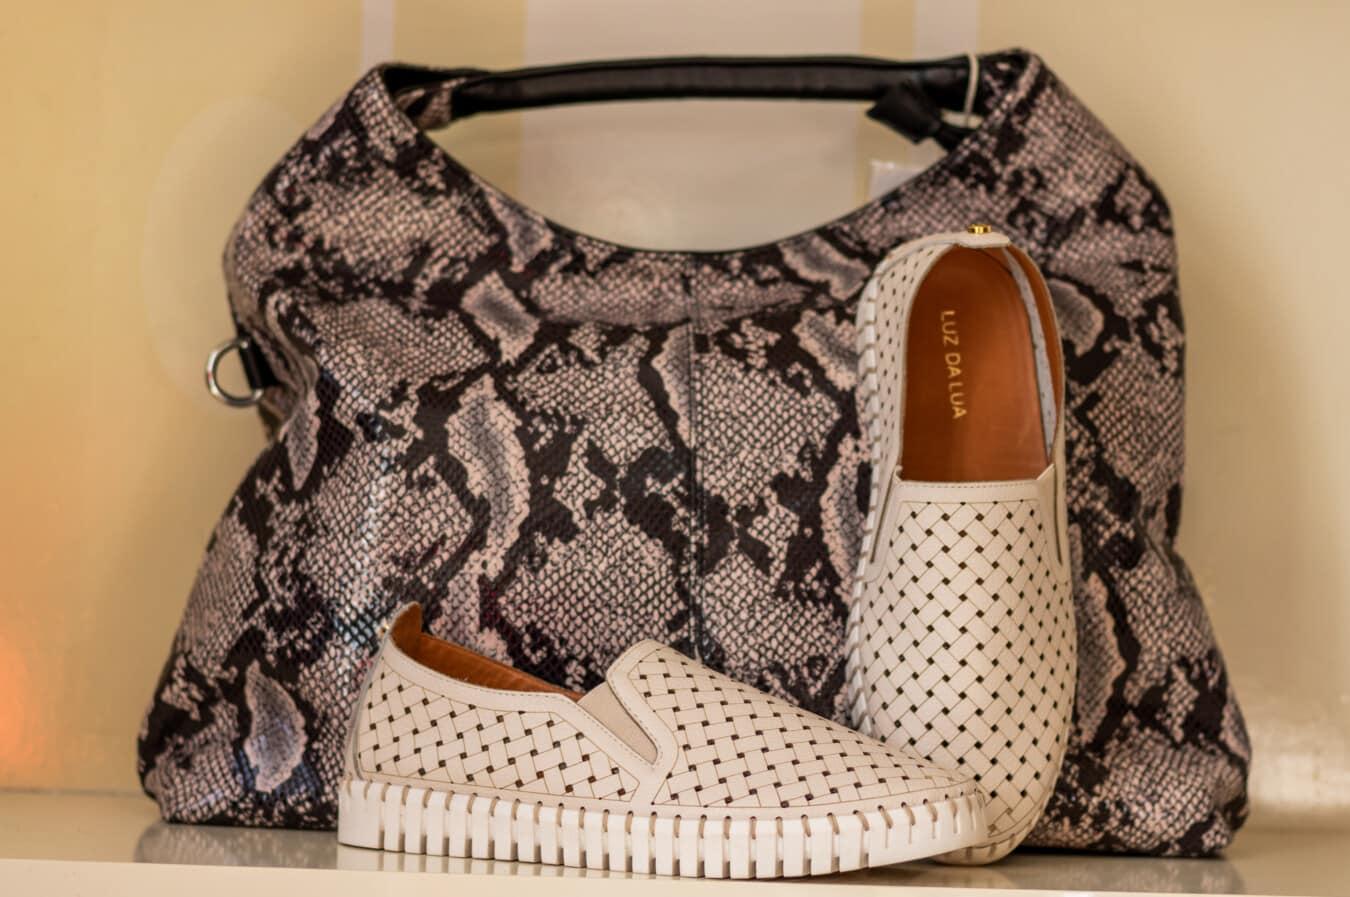 blanc, en cuir, lacet, fantaisie, sac à main, mode, chaussures, décontractée, classique, Shopping